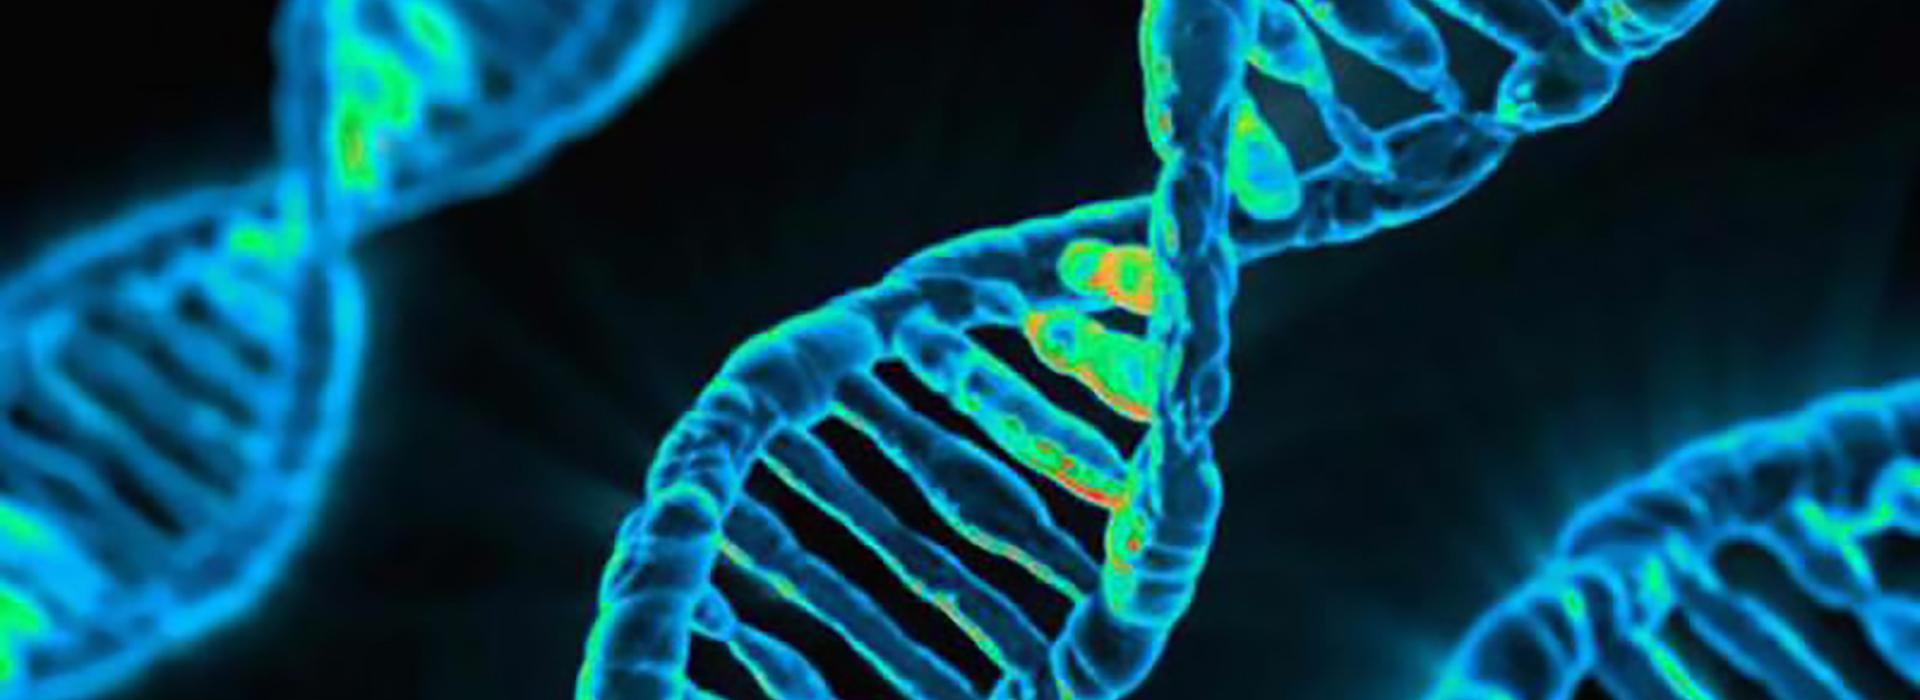 Filamento DNA